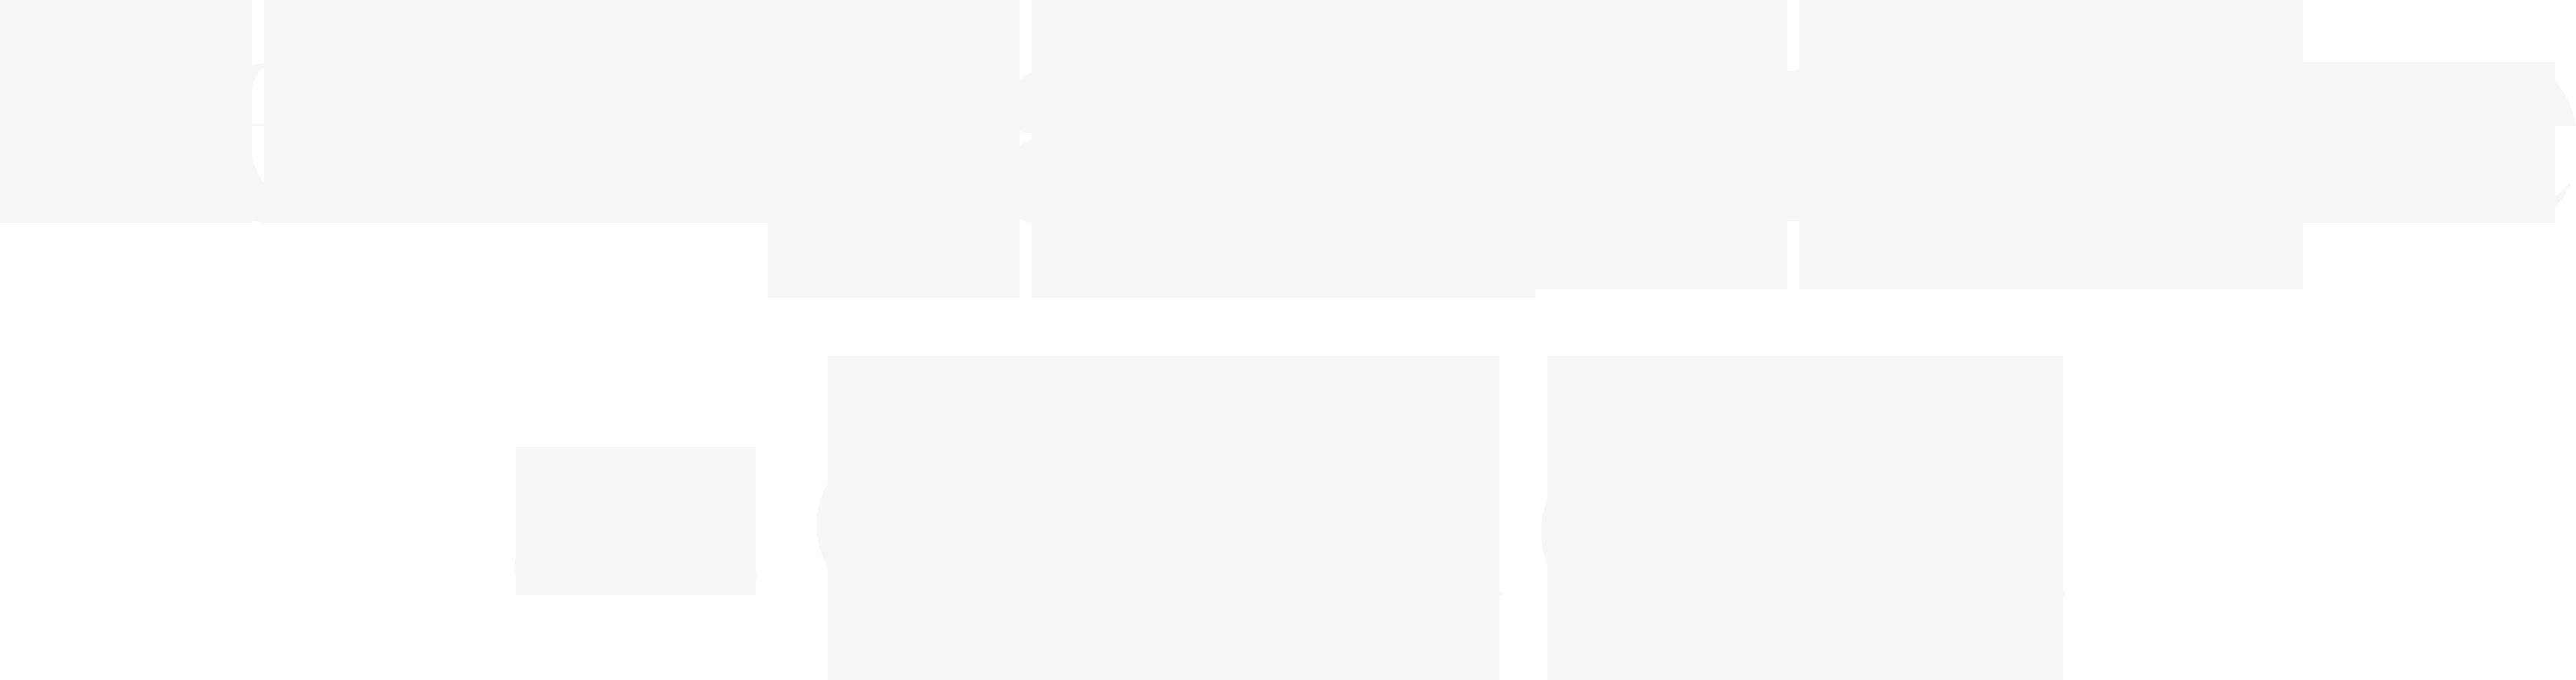 clean-healthy-creative